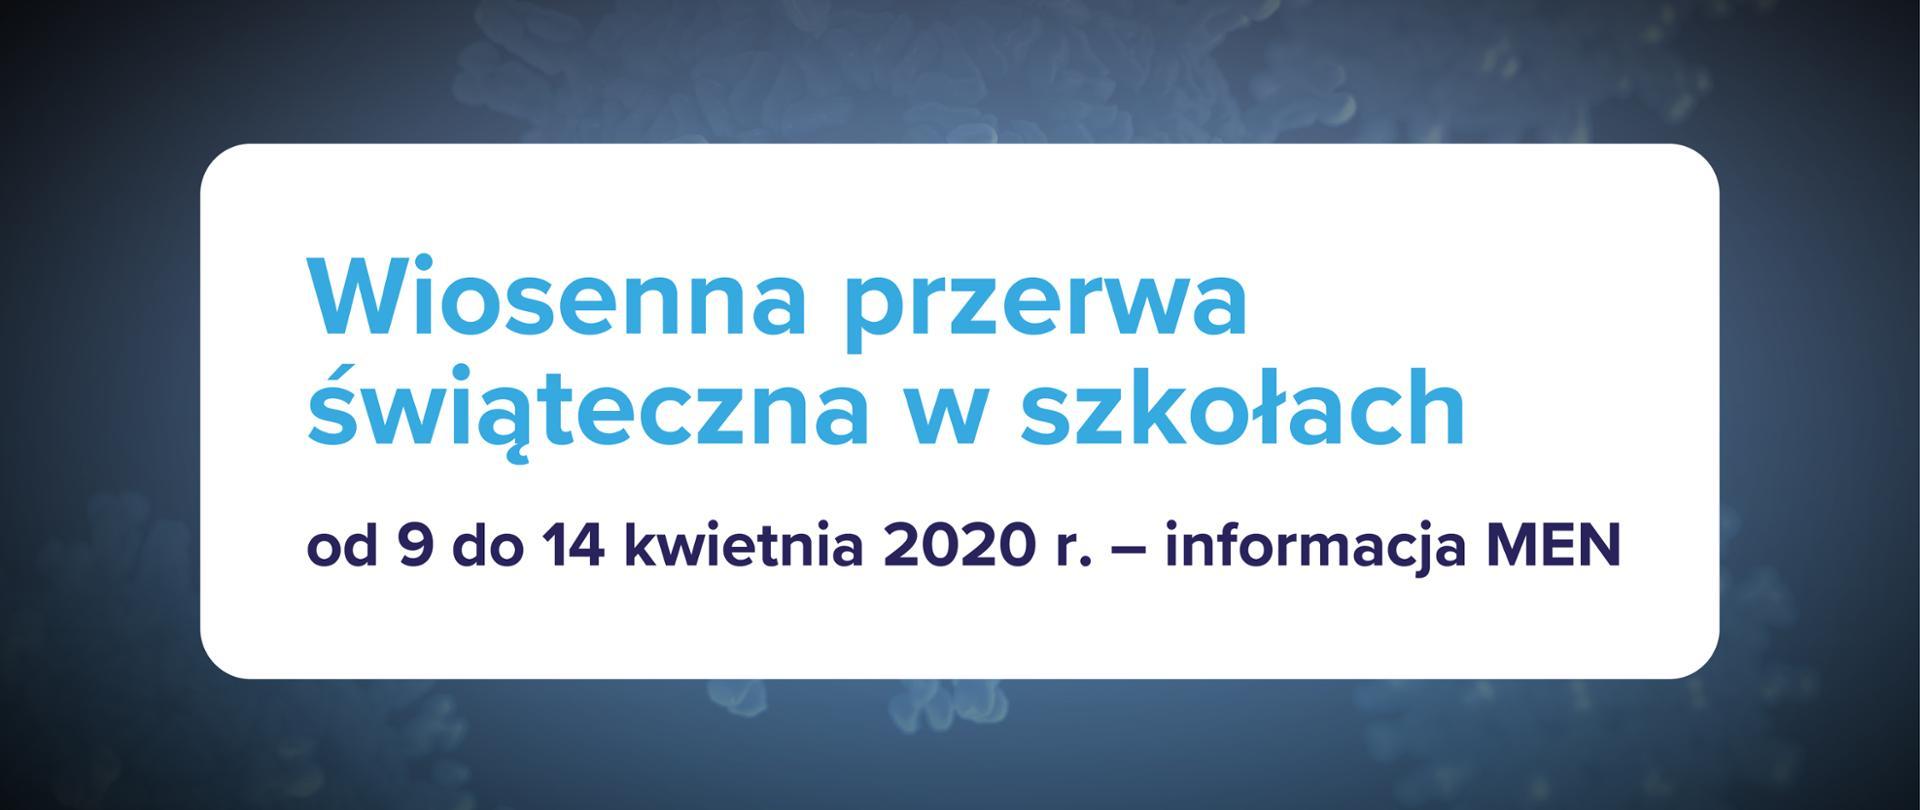 Grafika na ciemnoniebieskim tle z tekstem: Wiosenna przerwa świąteczna w szkołach od 9 do 14 kwietnia 2020 r.